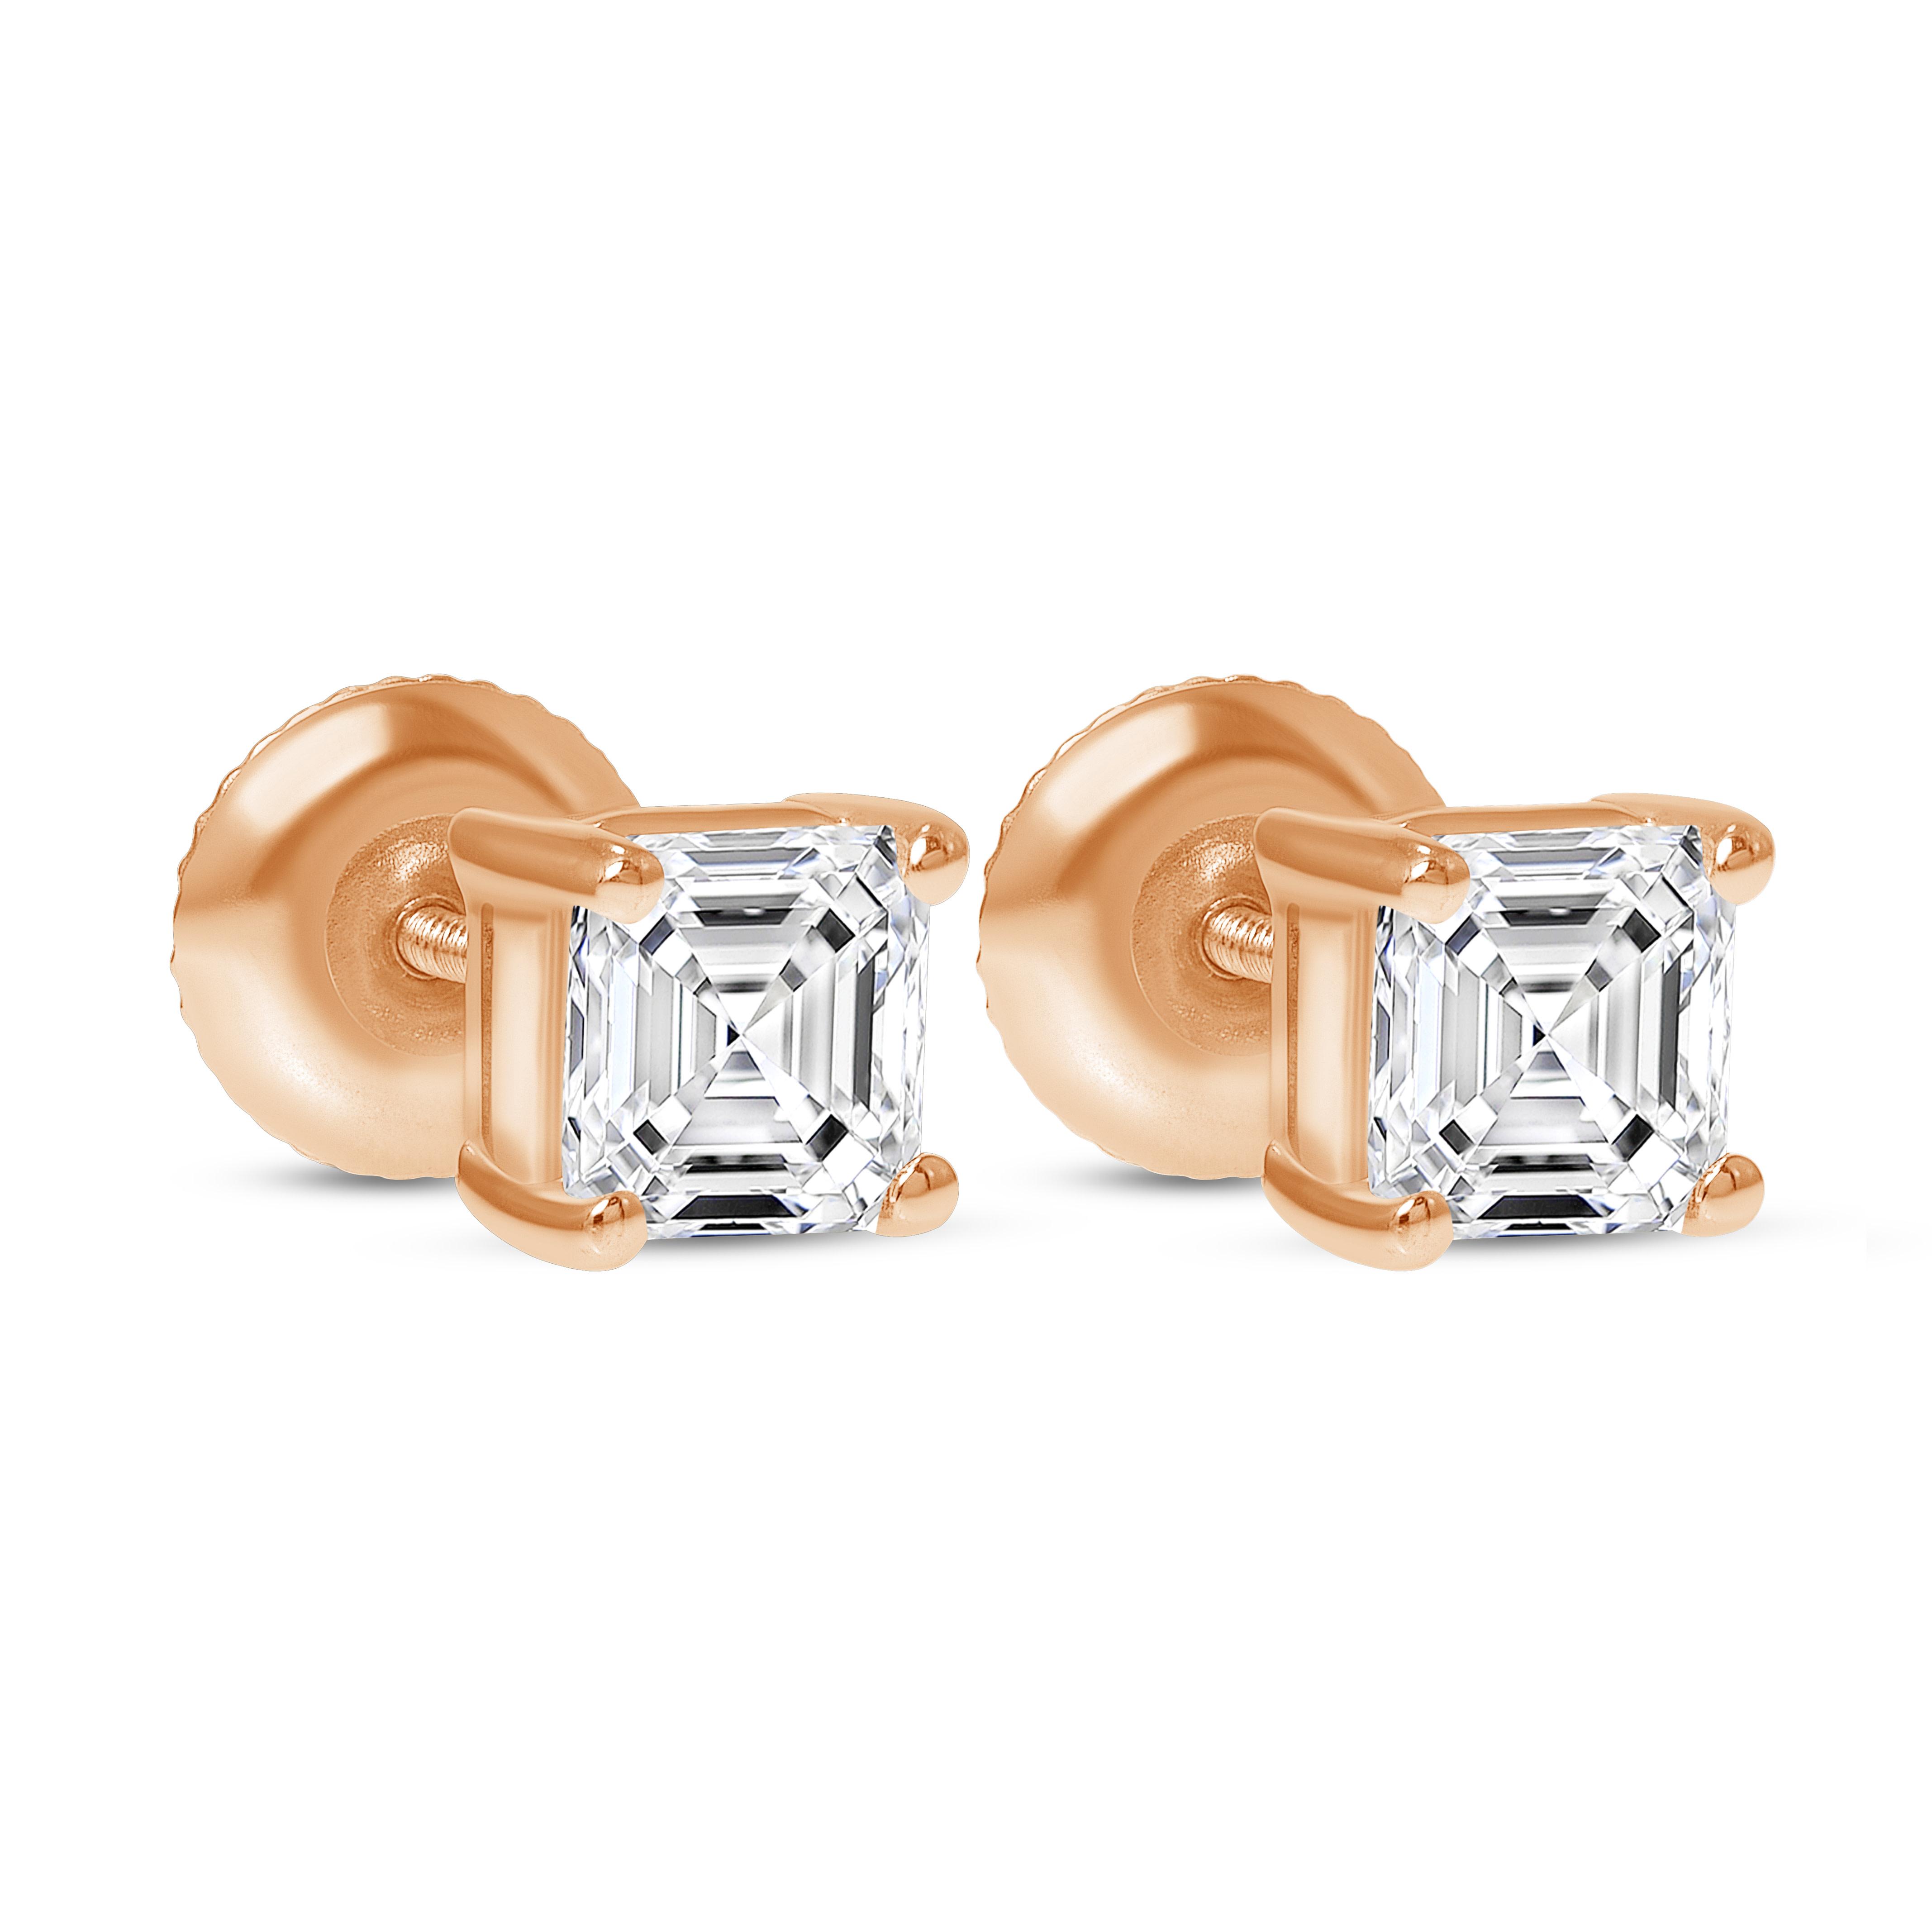 asscher cut diamond stud earrings rose gold